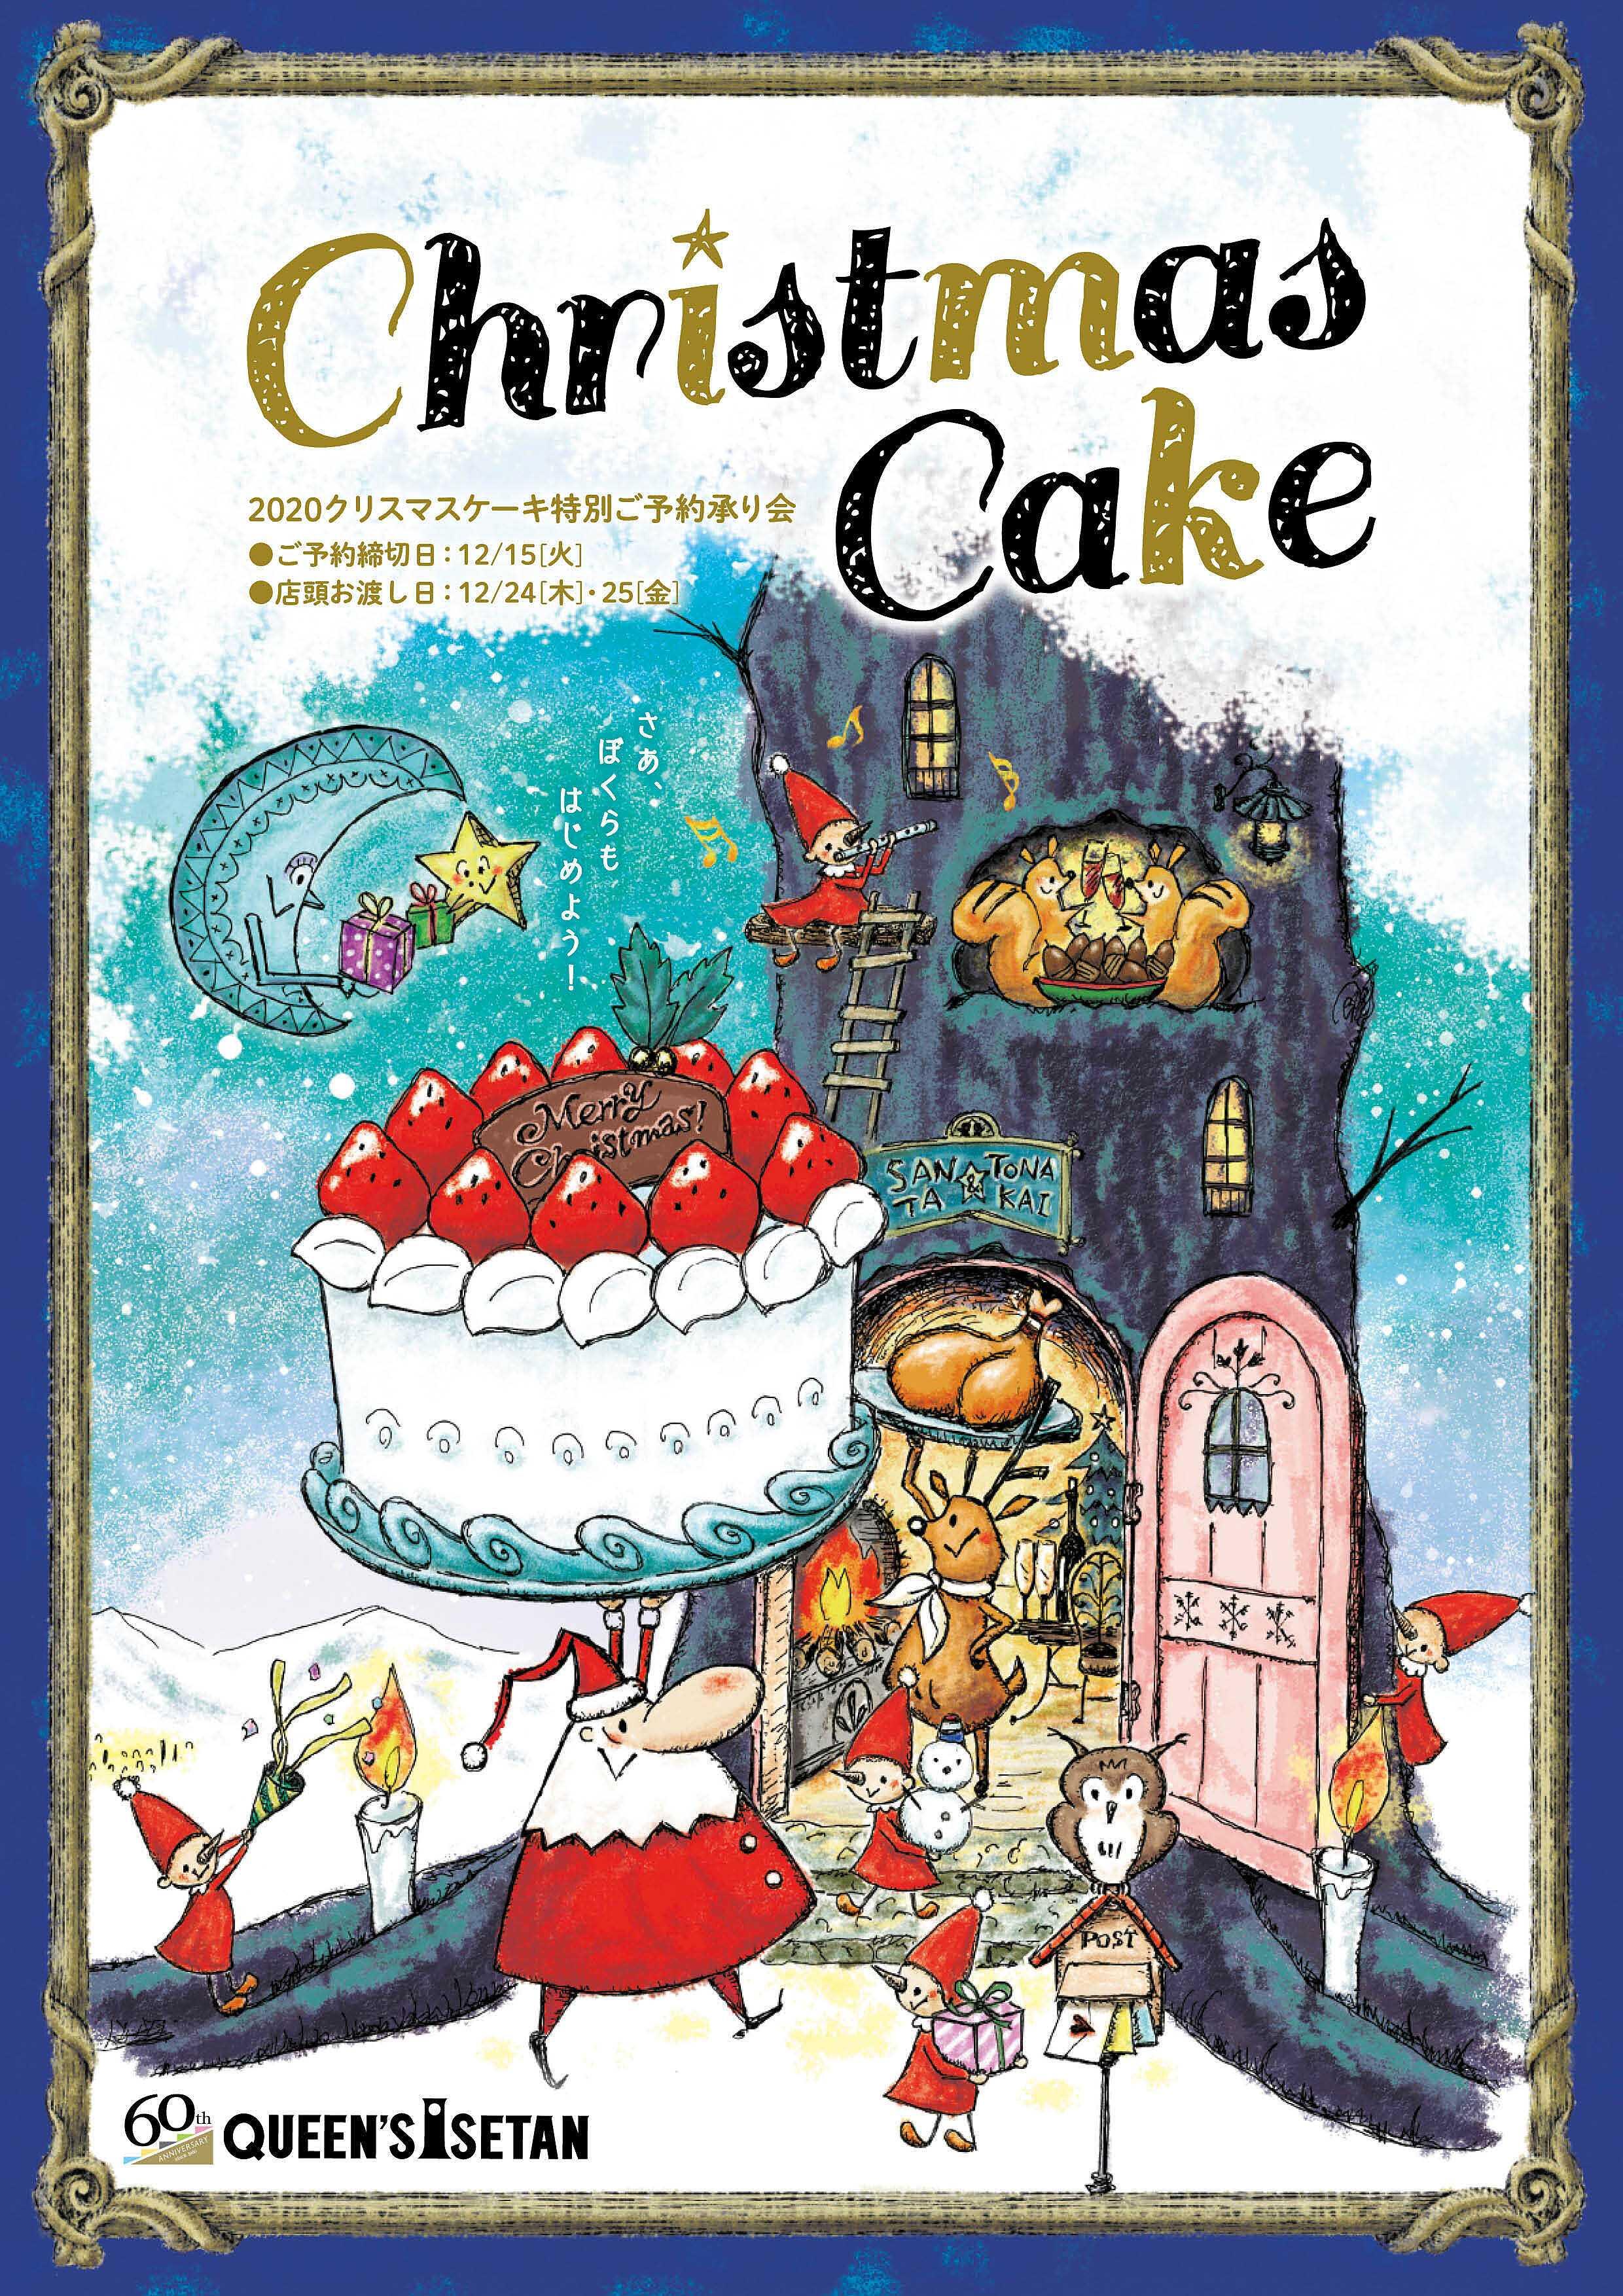 クイーンズ伊勢丹 2020年 クリスマスケーキ特別ご予約承り会